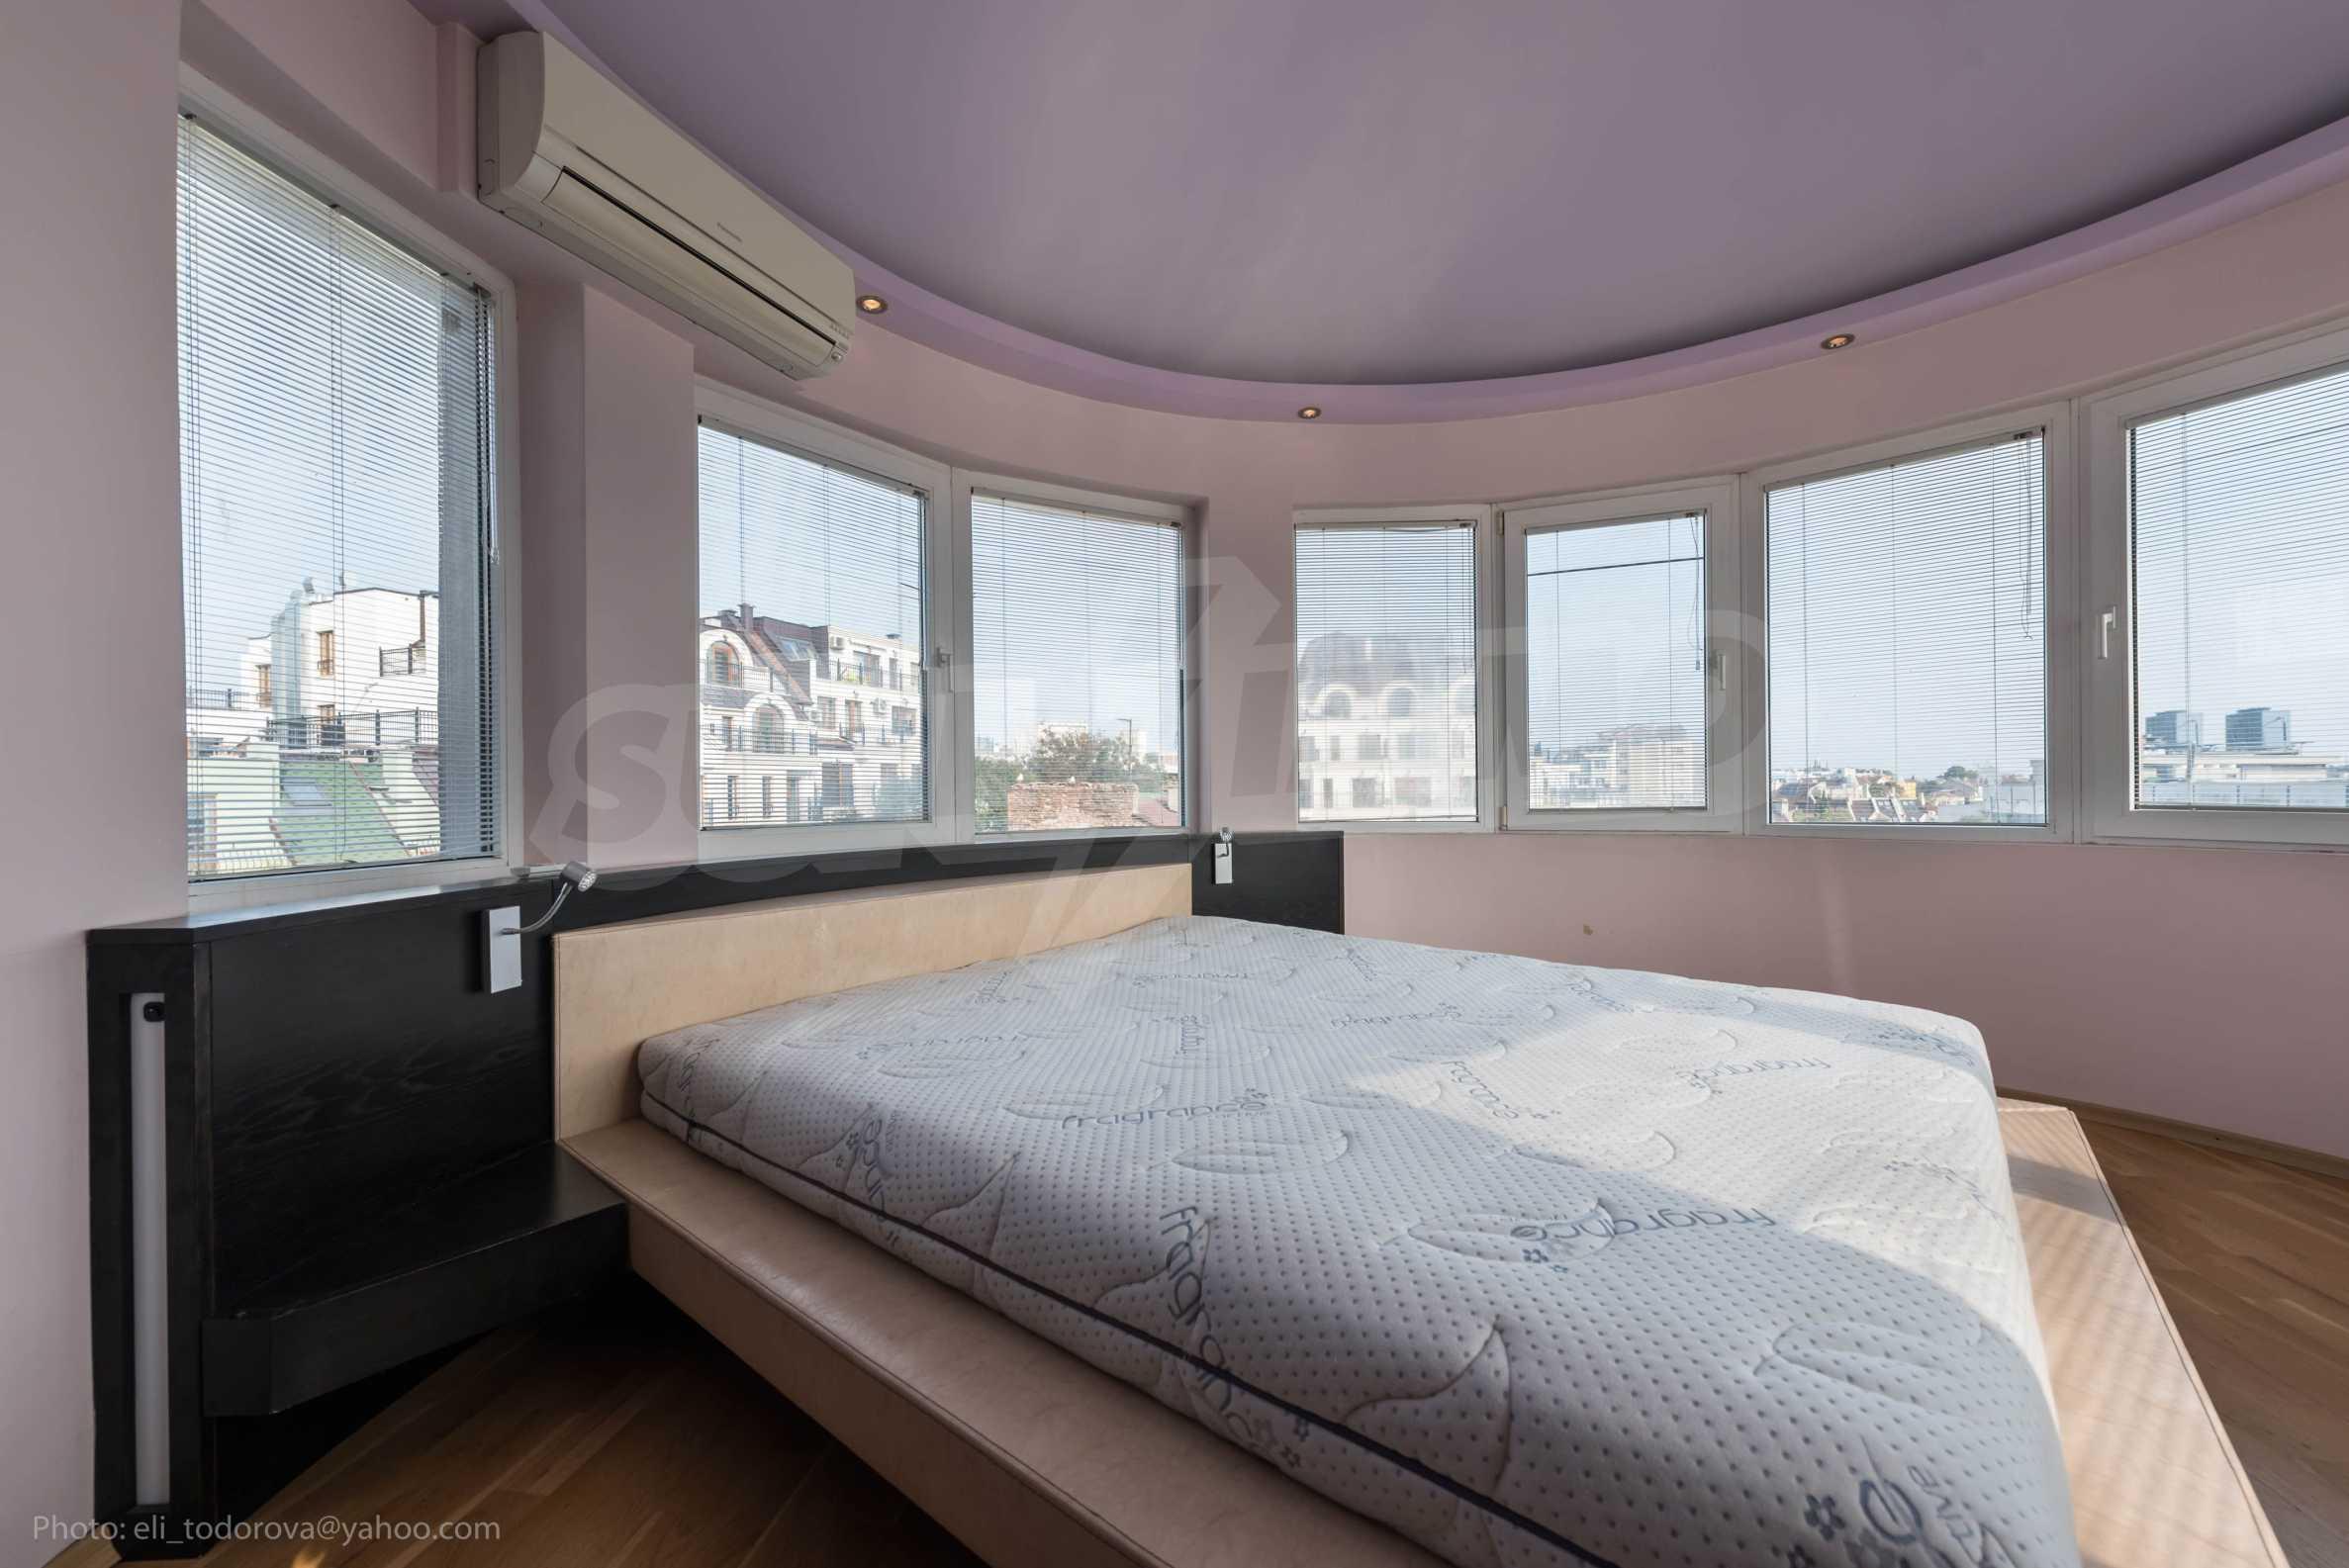 Квартира «Миша» - отличная трехкомнатная недвижимость в идеальном центре. 19